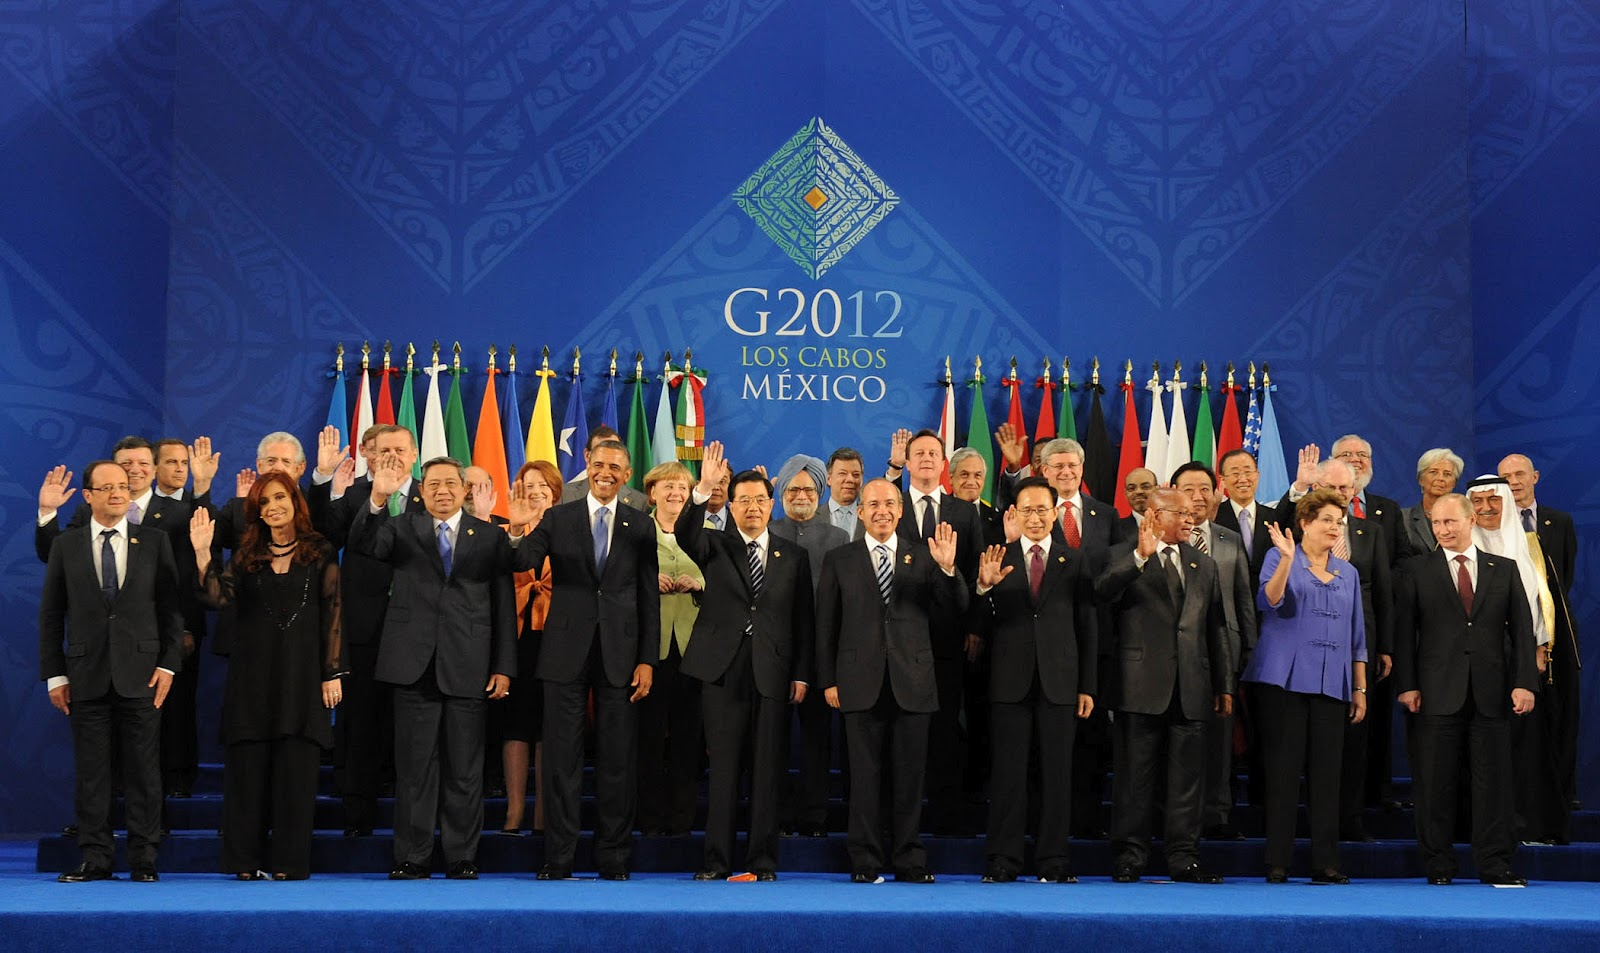 El G20 dice que hay que crear cientos de millones de